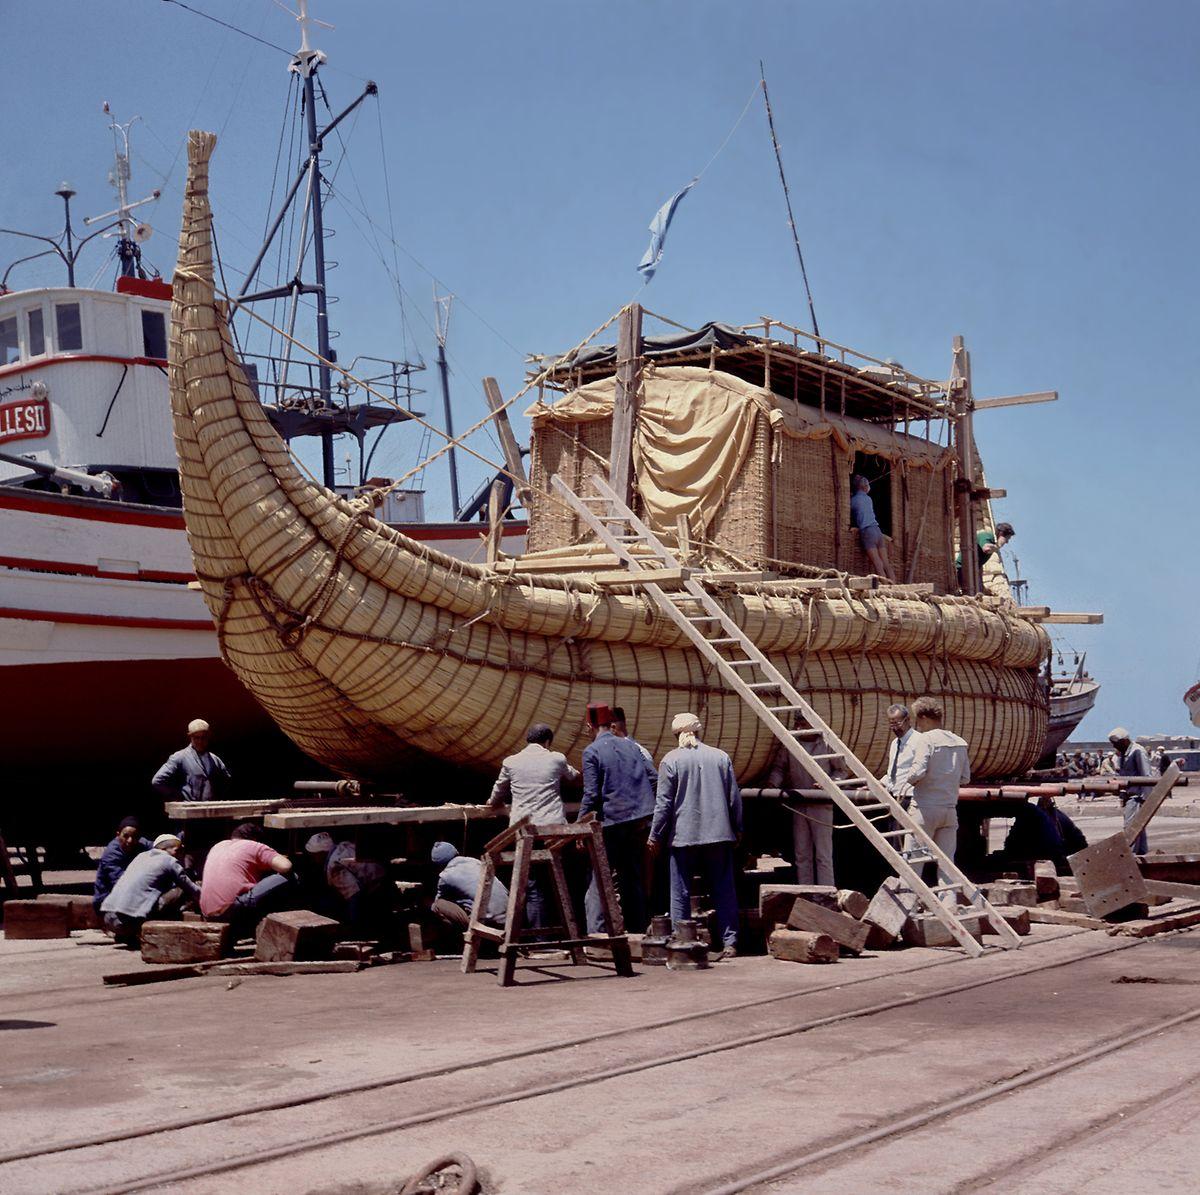 Vorbereitungen zum Stapellauf des Papyrus-Bootes Ra II am 17.05.1970 im Fischerhafen Safi in Marokko.